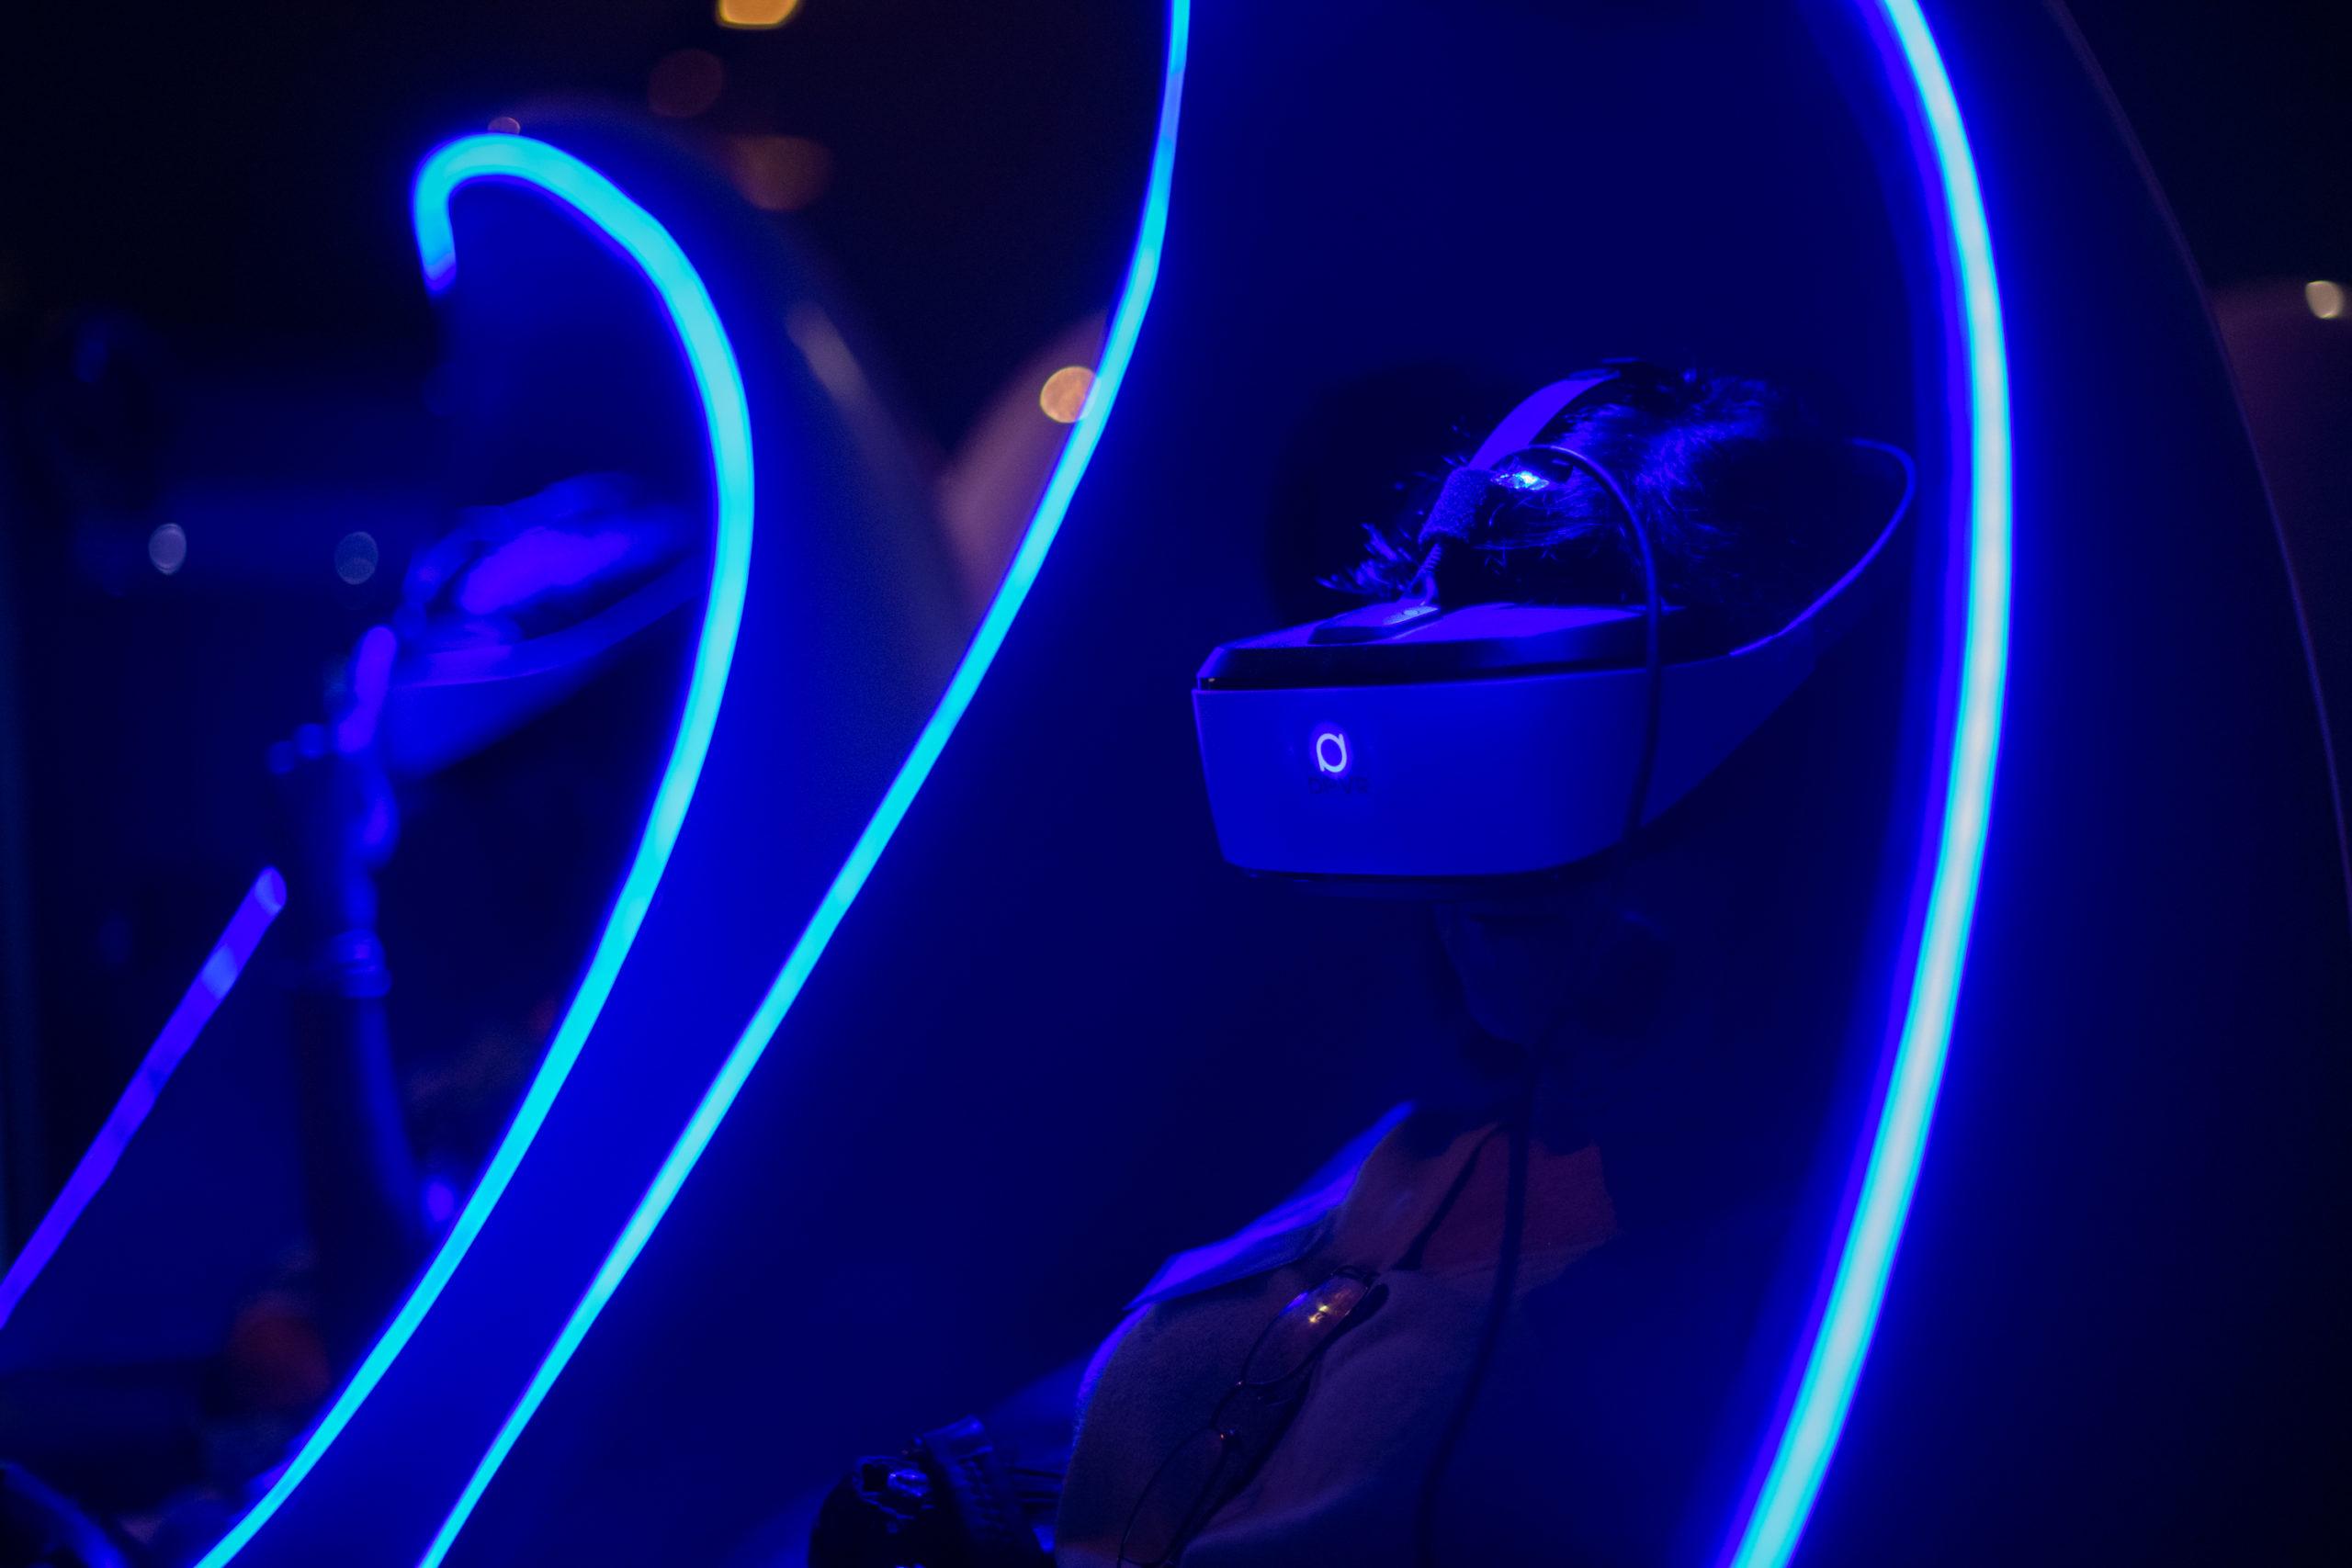 VR Booths at Shedd Aquarium event